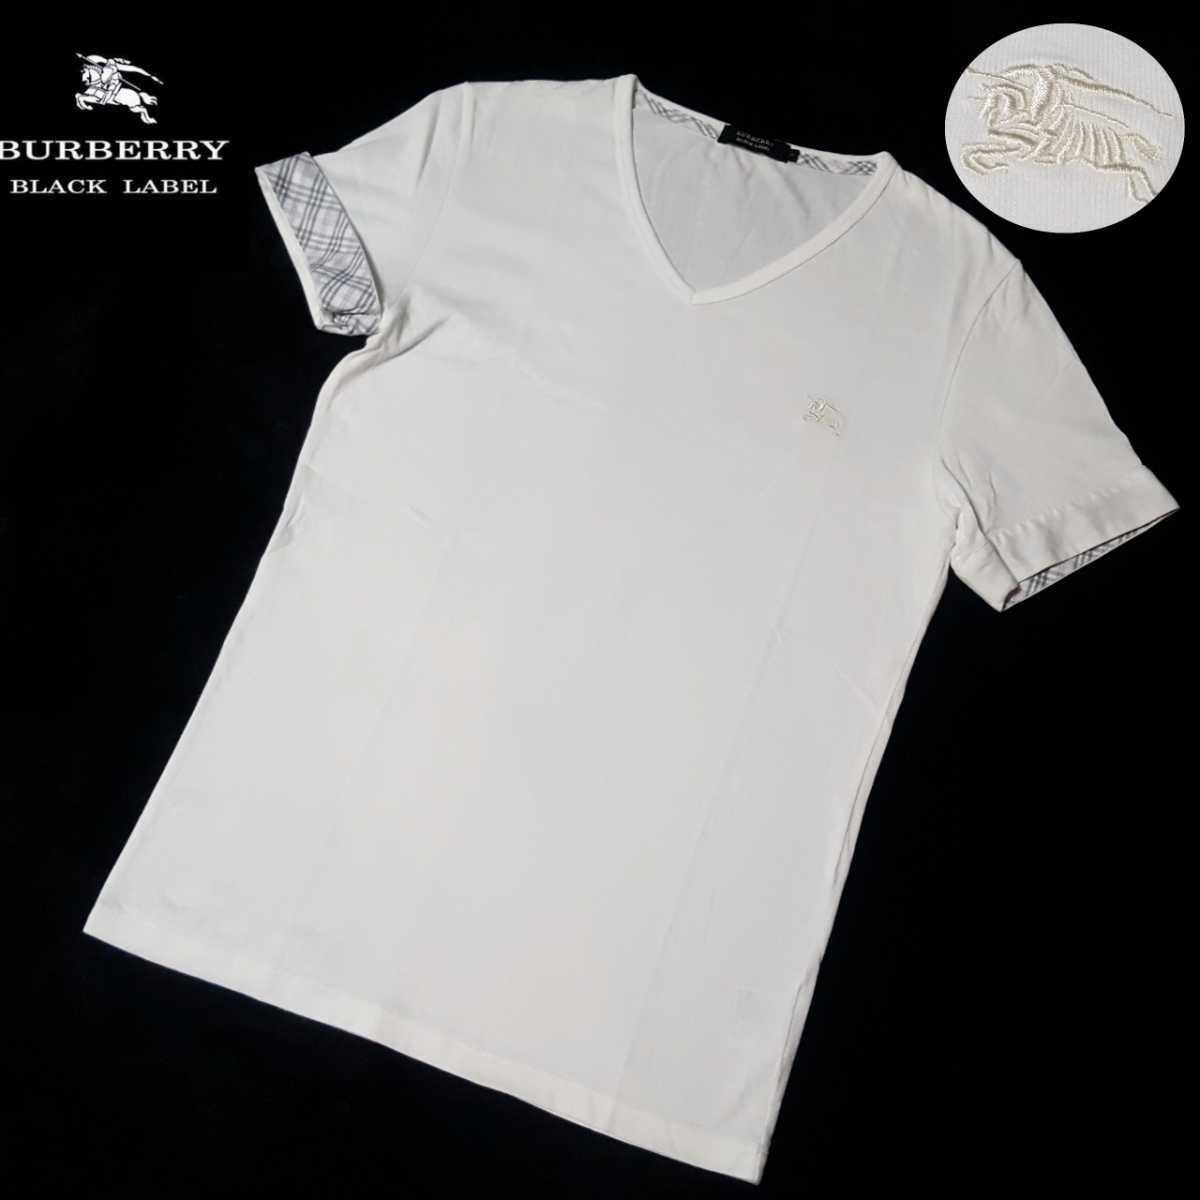 ◆極美品◆溢れる高級感◆バーバリーブラックレーベル BIGホース刺繍 袖裏ホワイトノバチェック Vネック Tシャツ カットソー サイズM